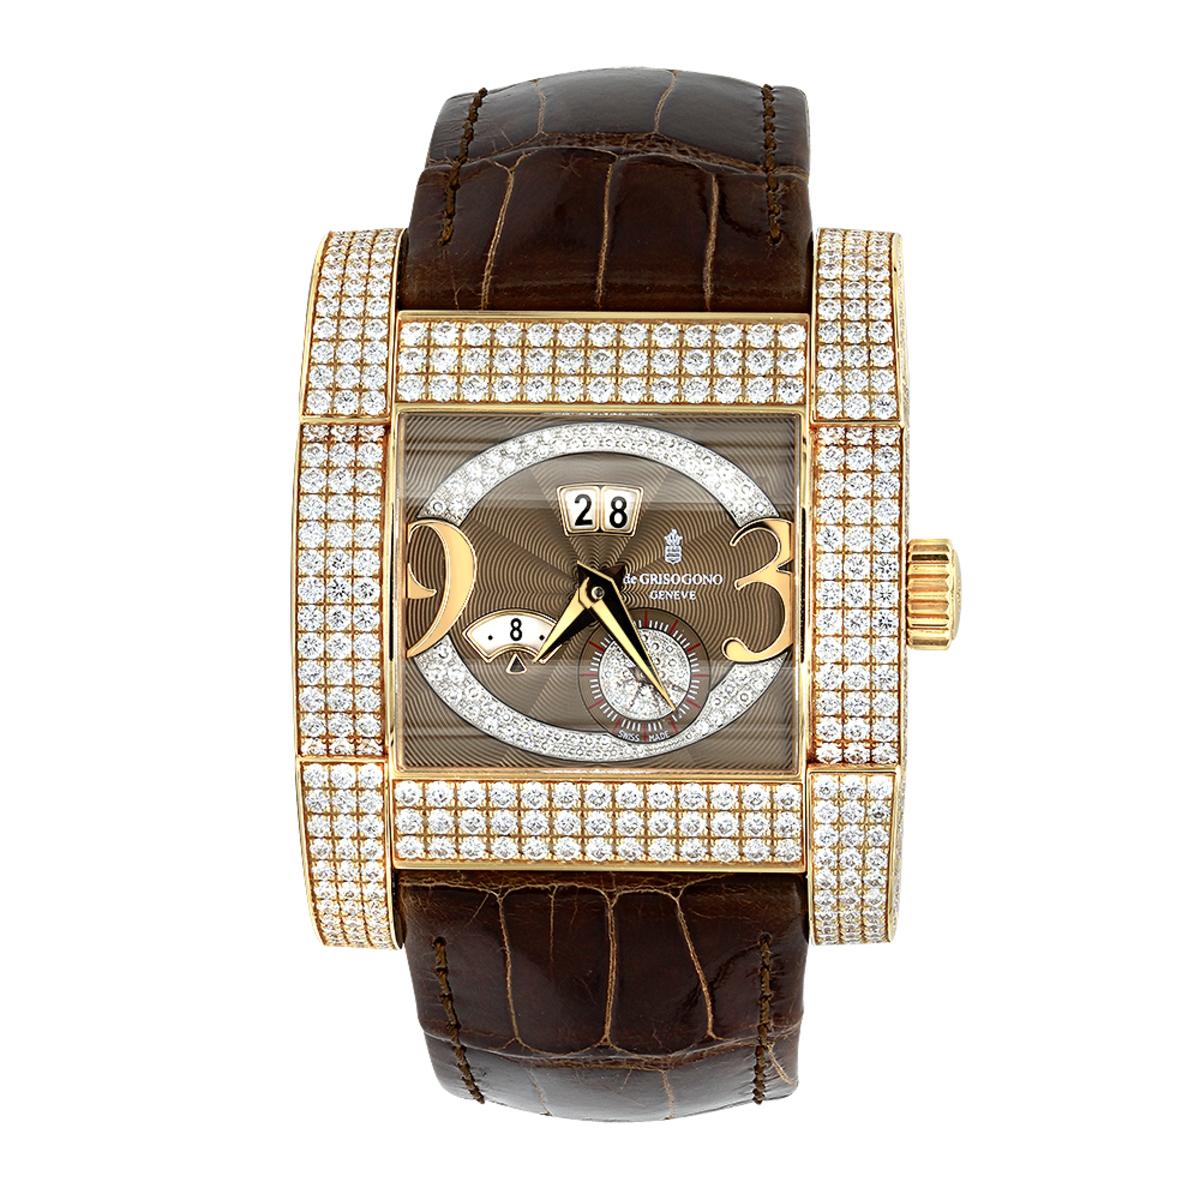 Unique 18K Gold De Grisogono Novantatre Automatic Men's Diamond Watch 20ct